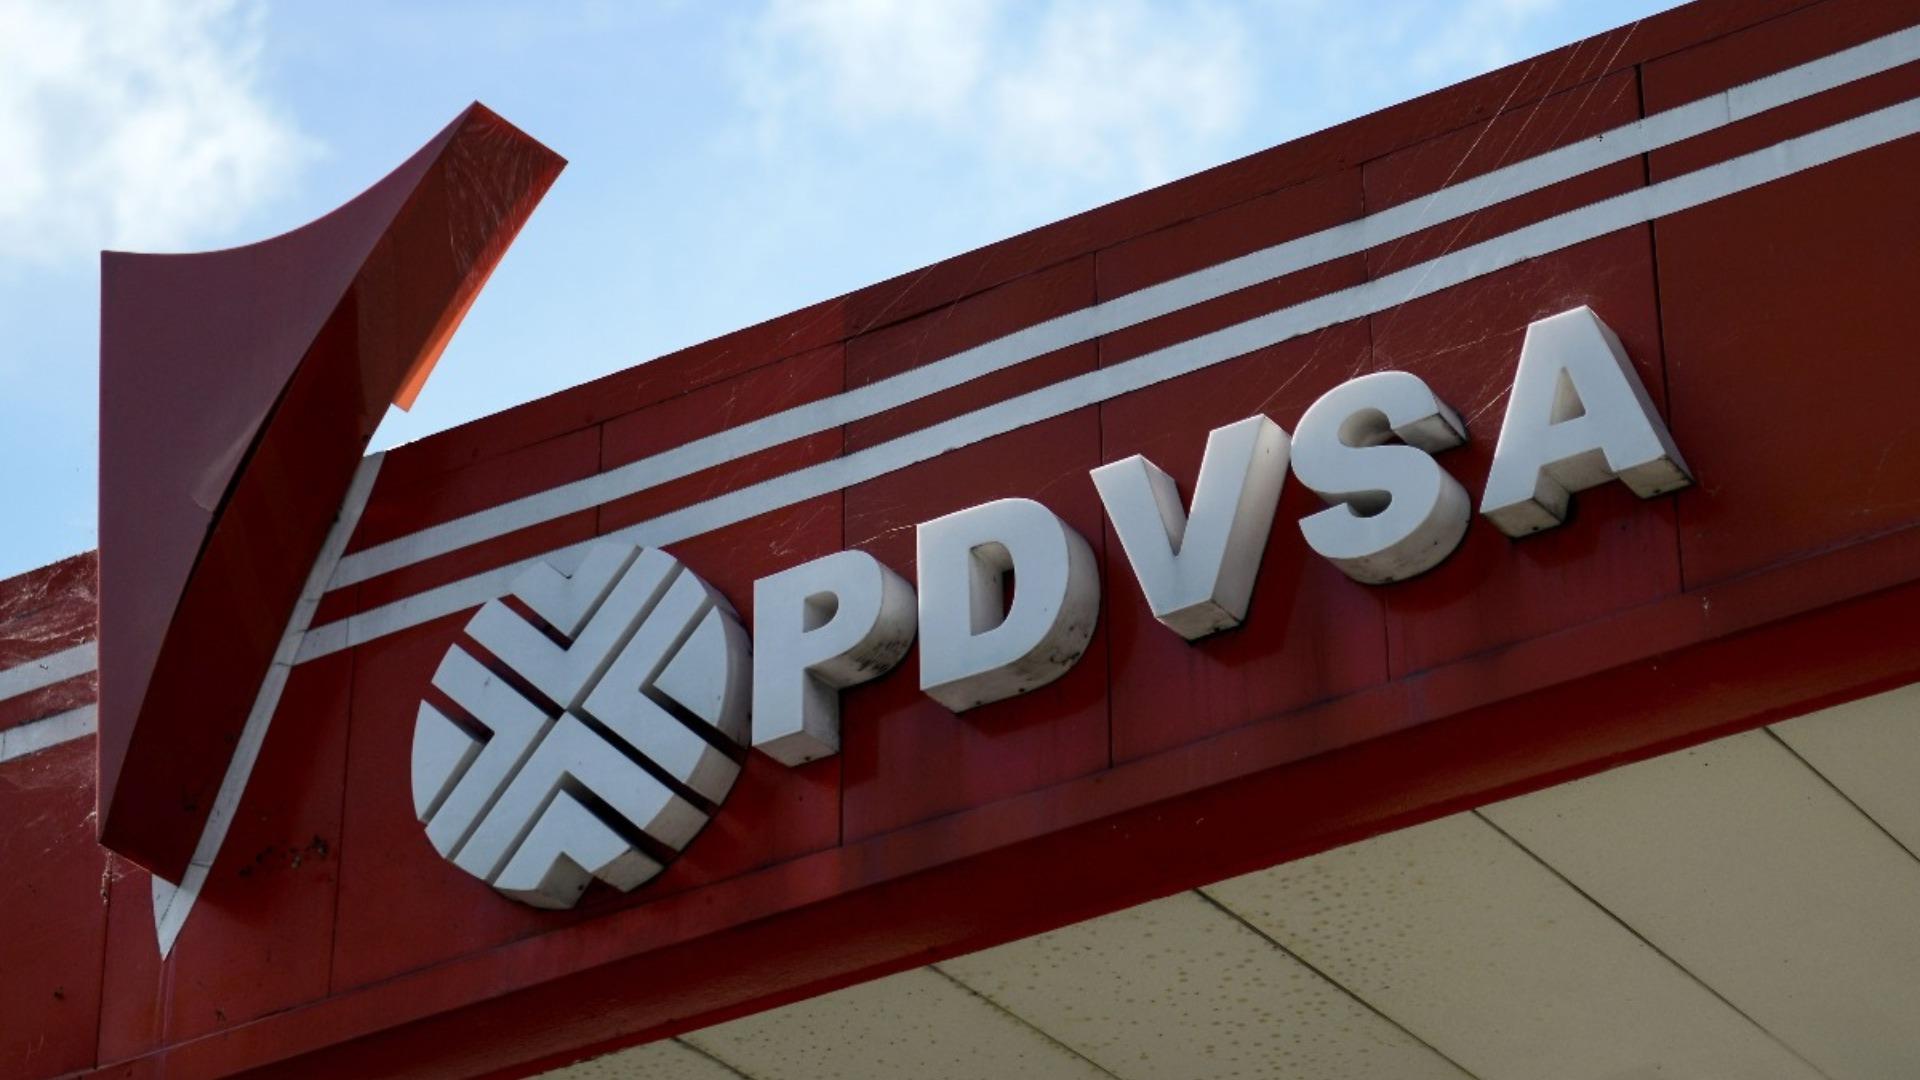 Pdvsa reduce deuda con Rosneft a 800 millones de dólar en tercer trimestre